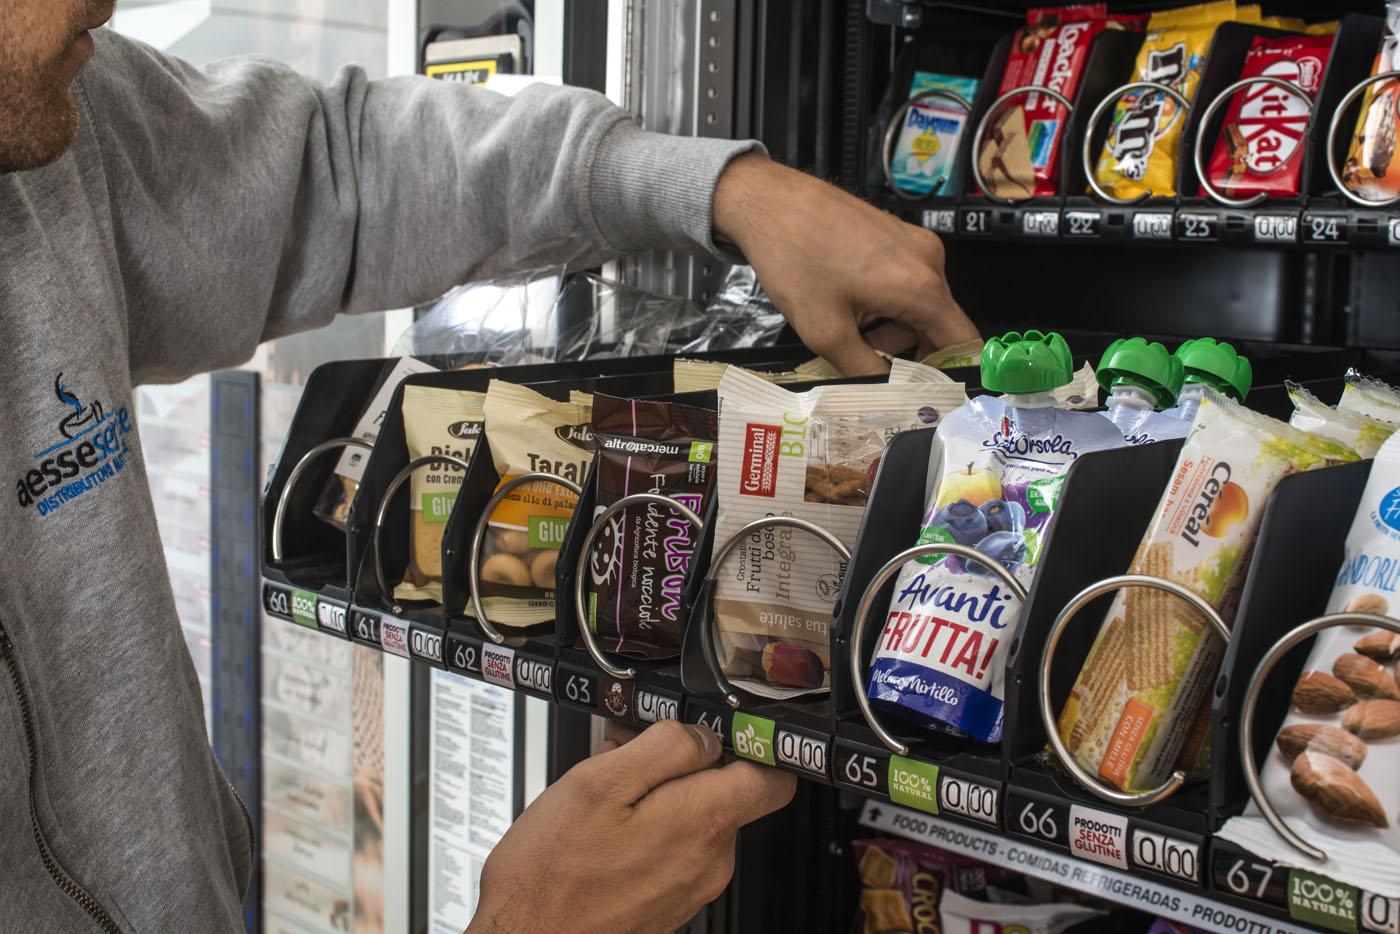 aesseservice-distributoriautomatici-caffe-snack-trentino